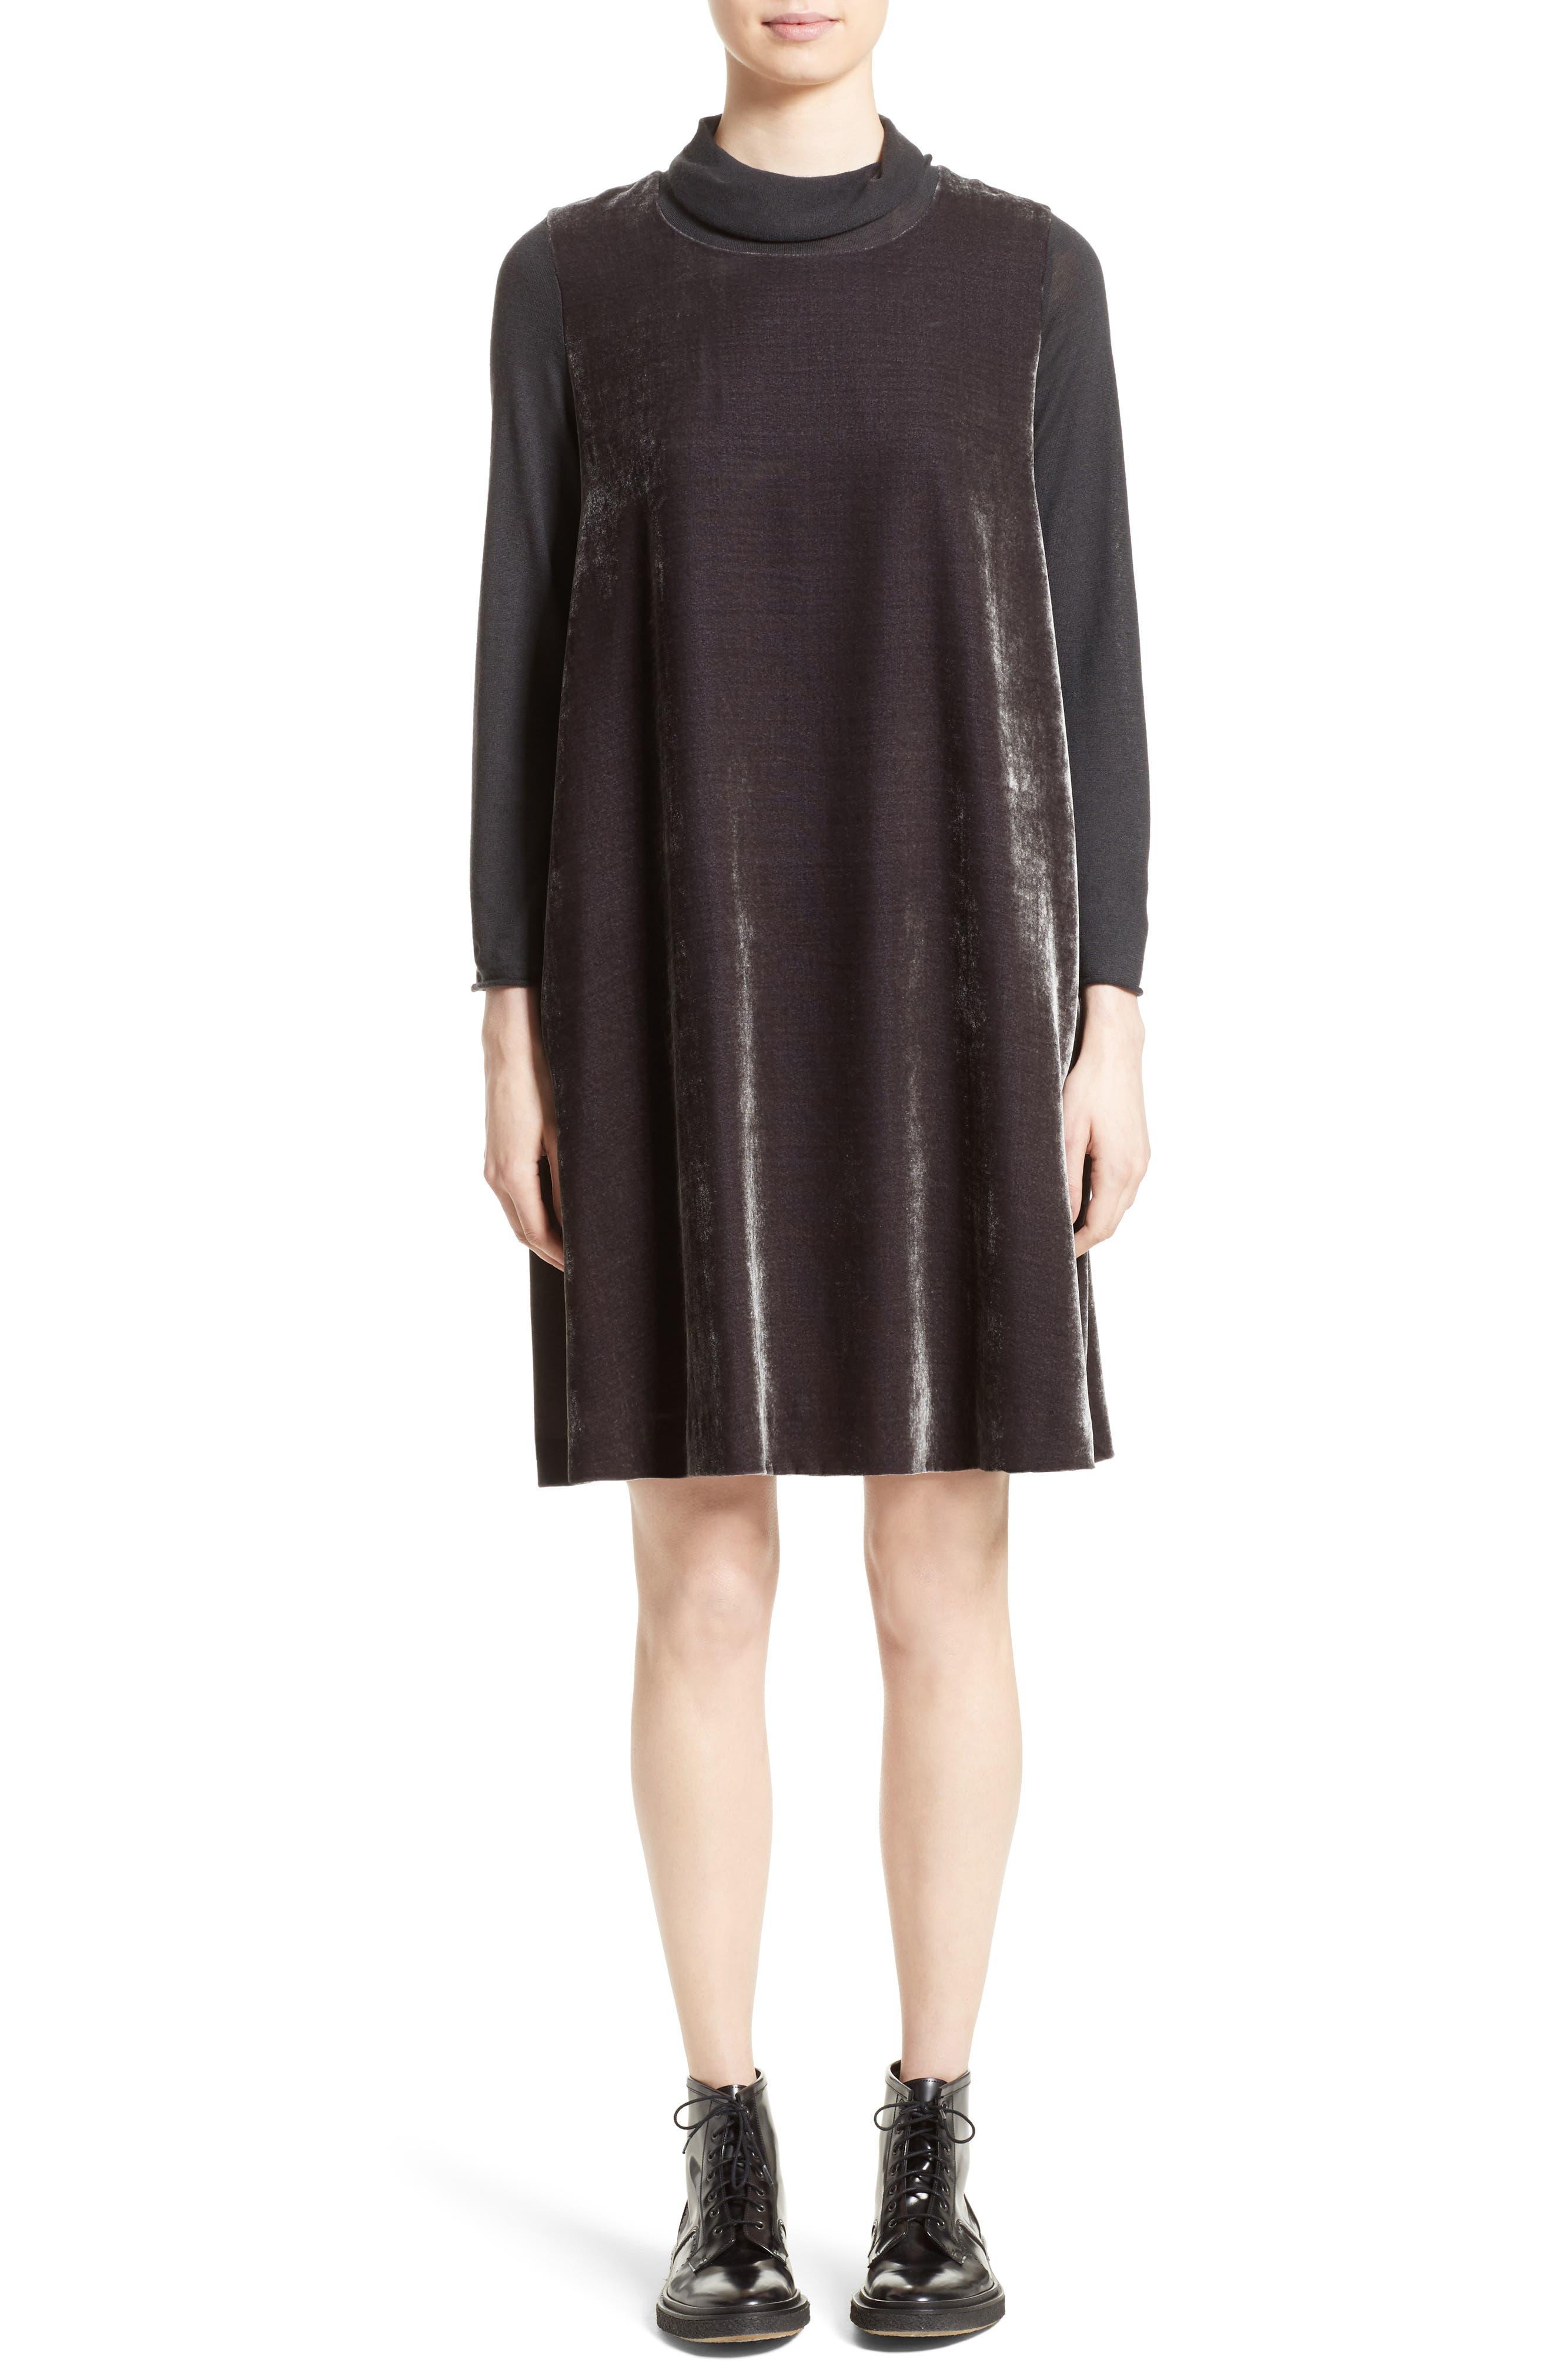 Fabiana Filippi Velvet Turtleneck Dress